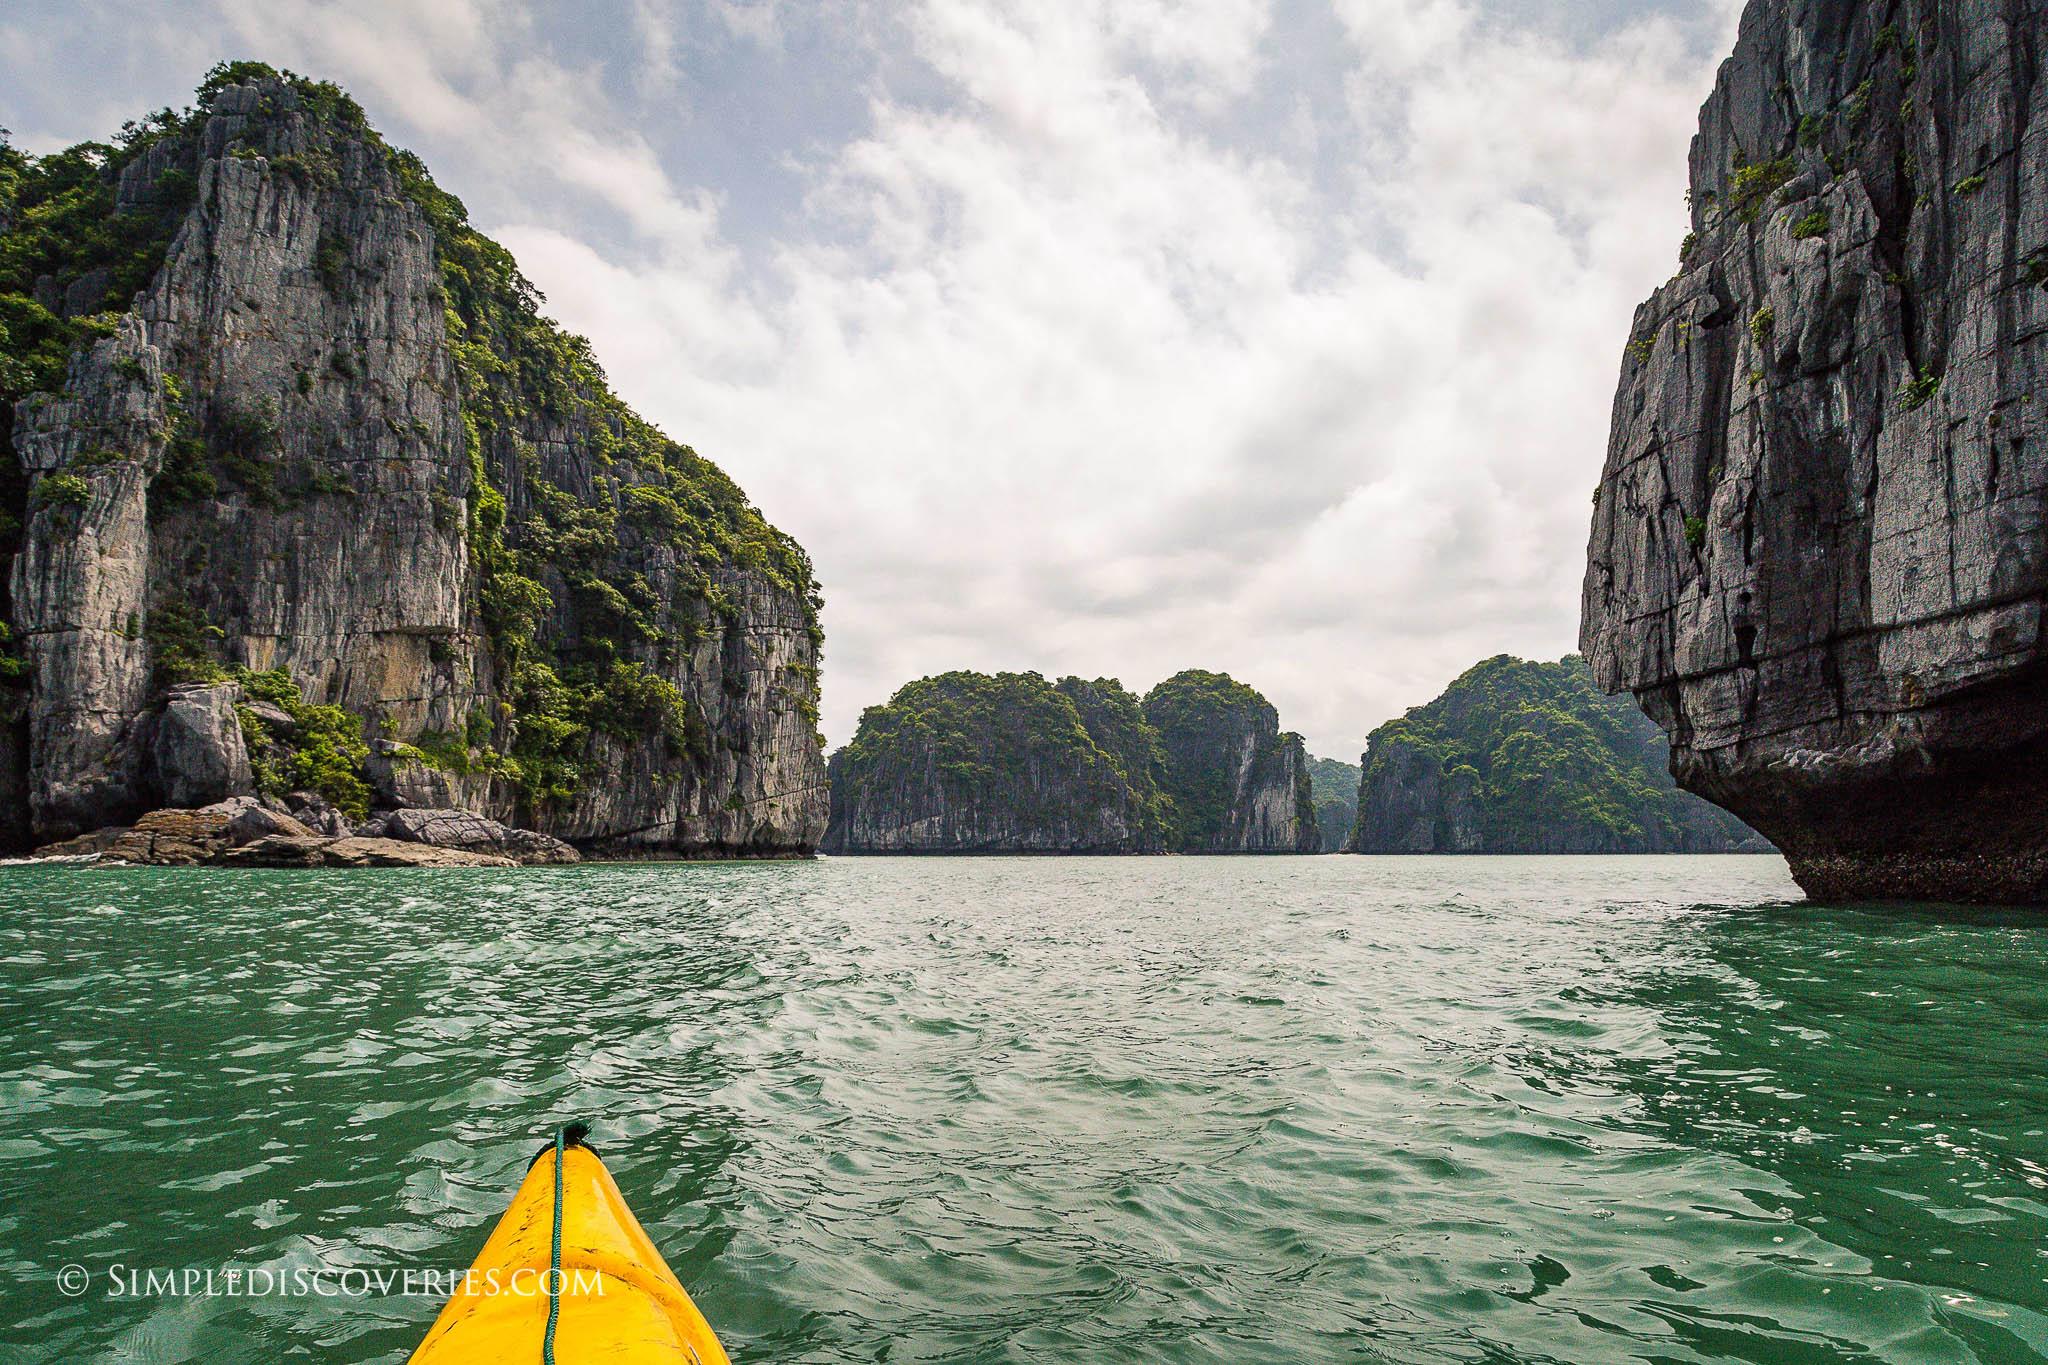 kayaking_in_bai_tu_long_bay_vietnam